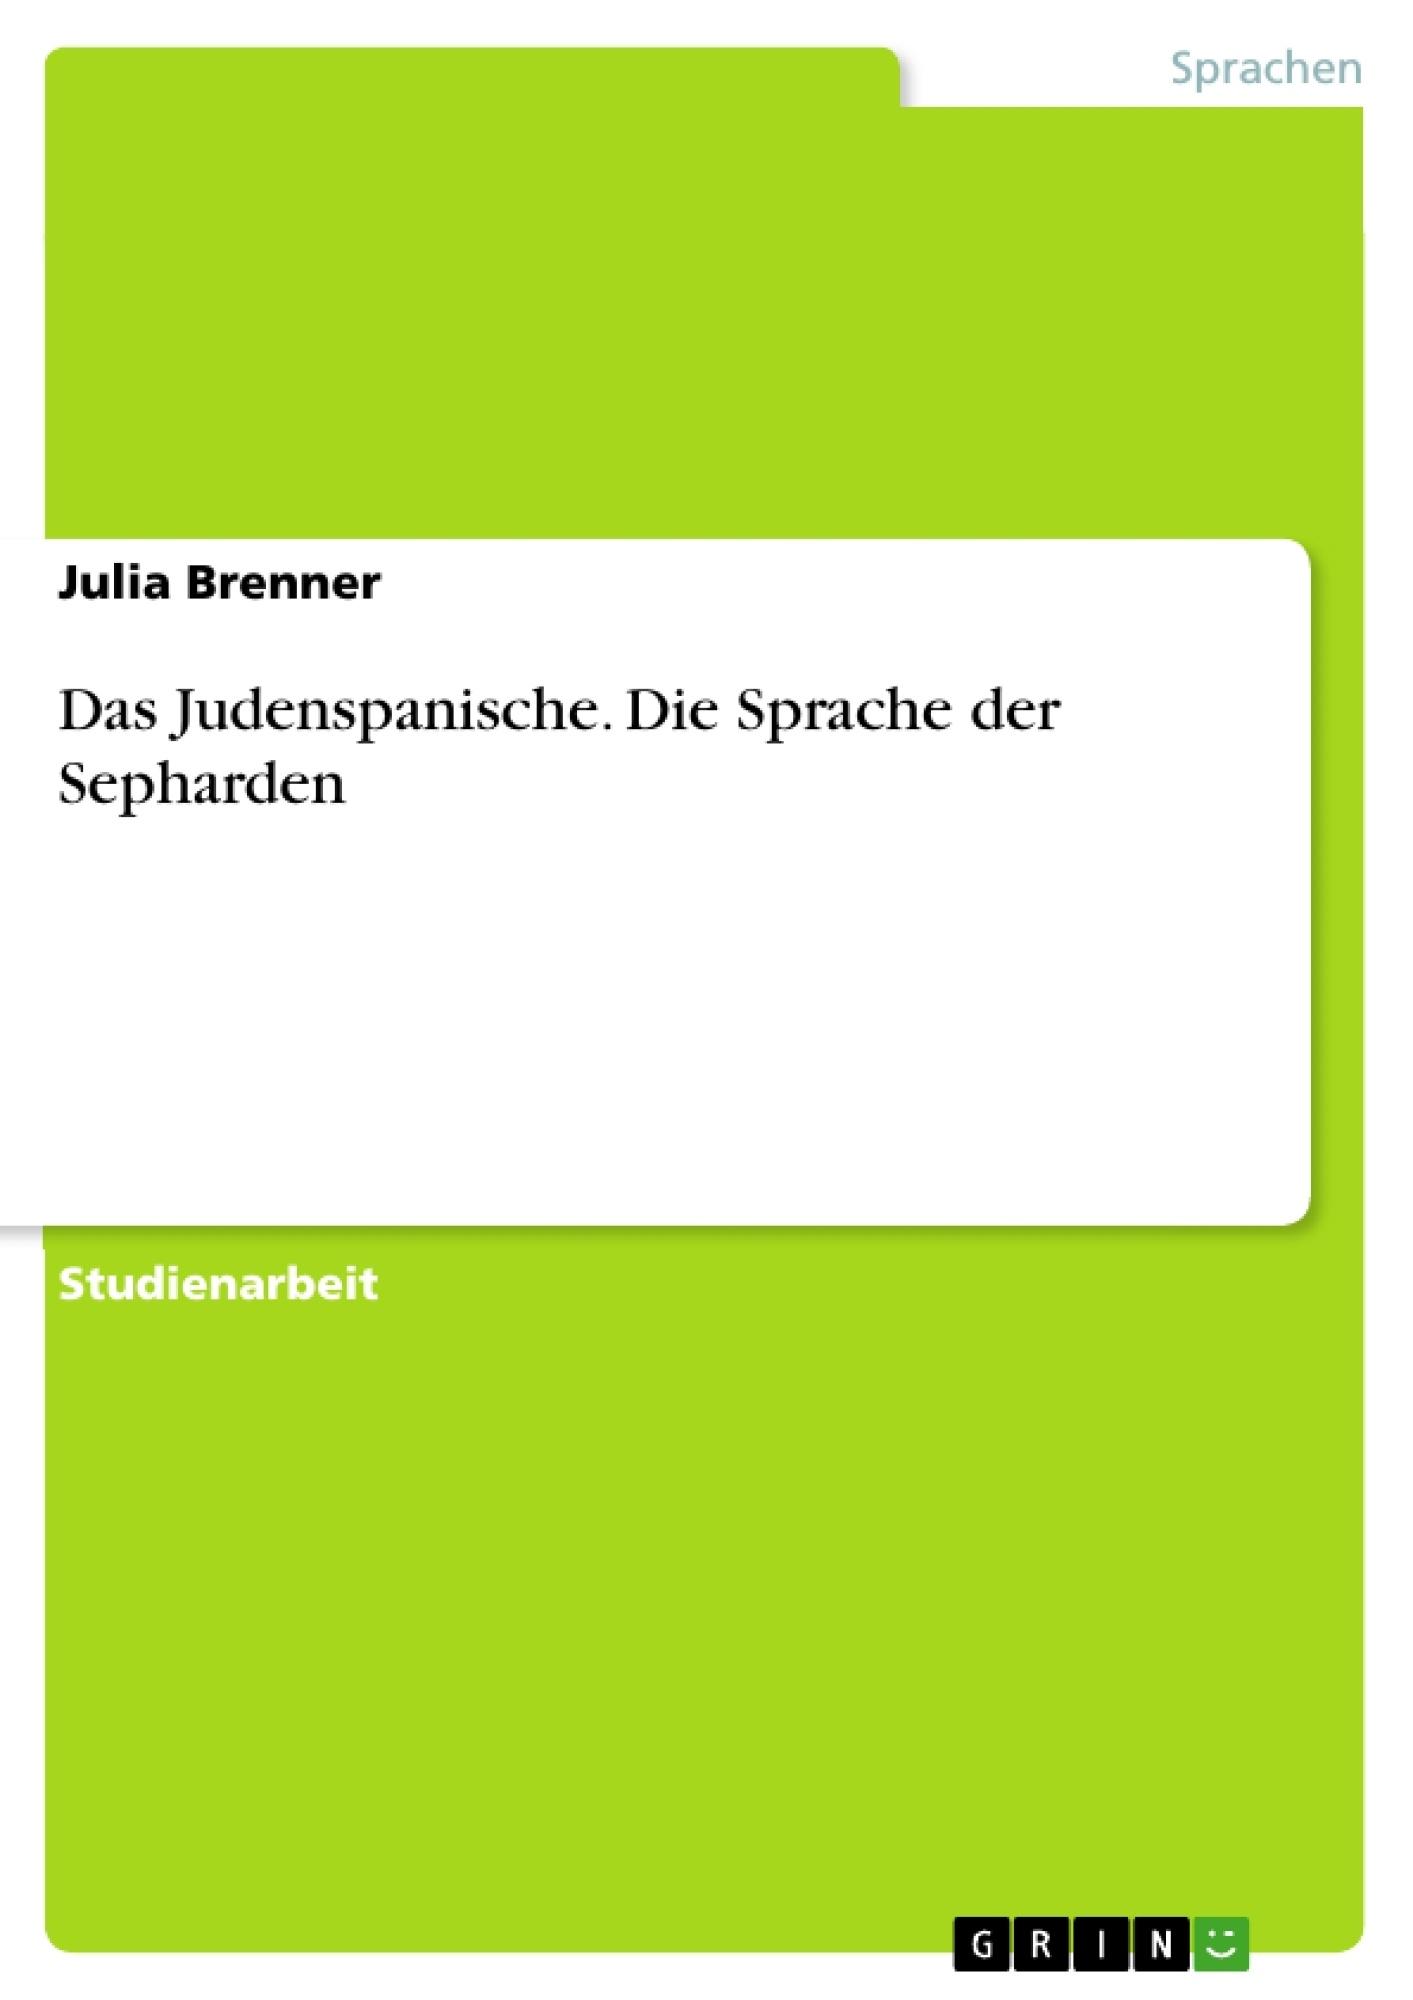 Titel: Das Judenspanische. Die Sprache der Sepharden